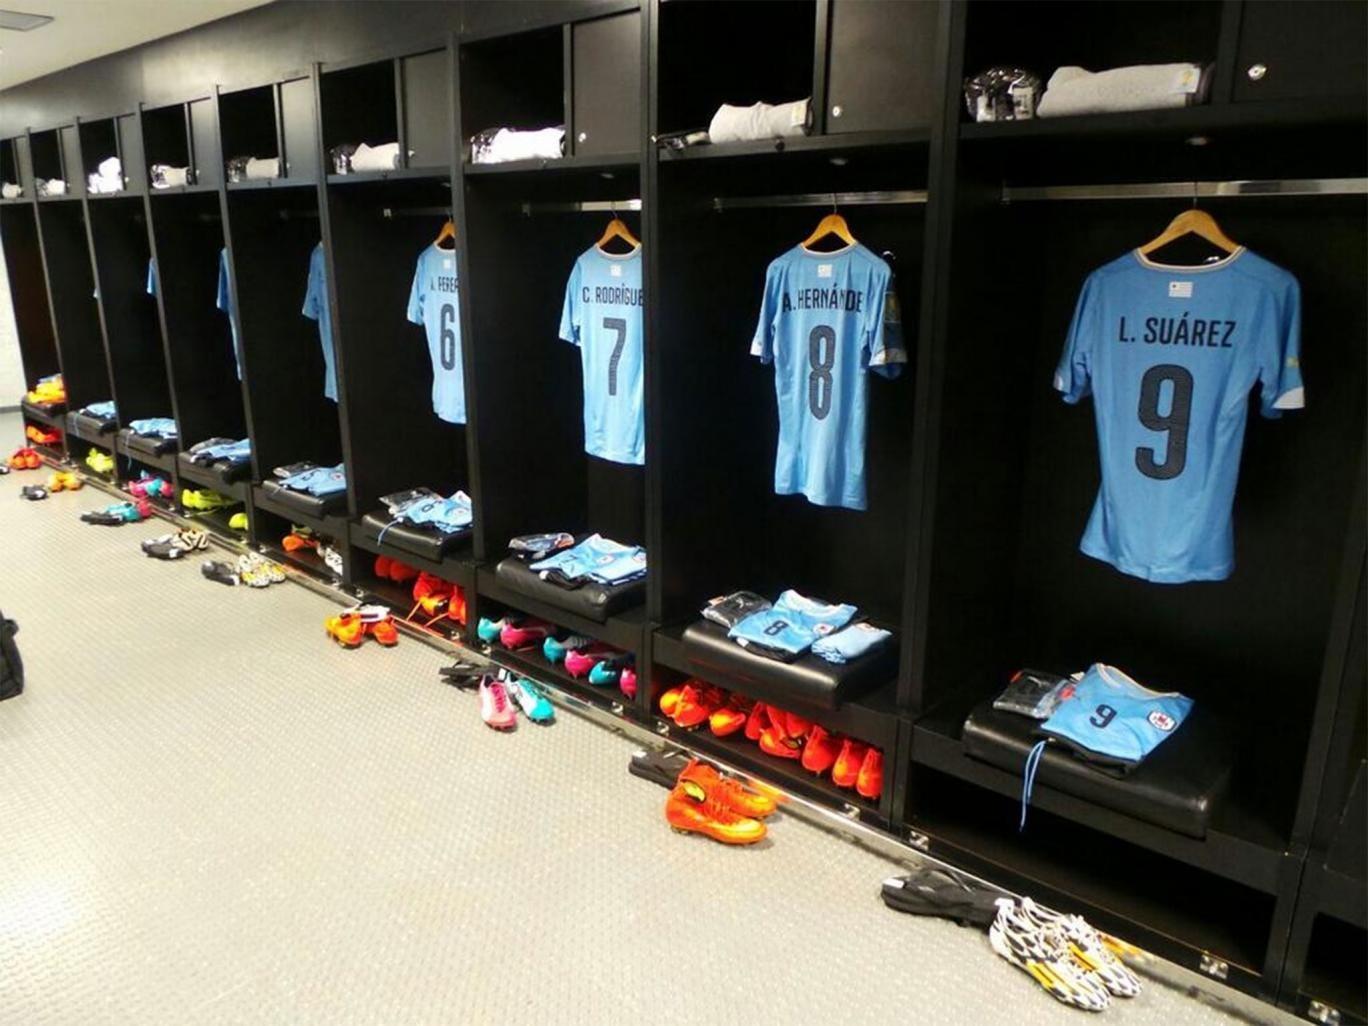 Uruguay team support for Luis Suarez